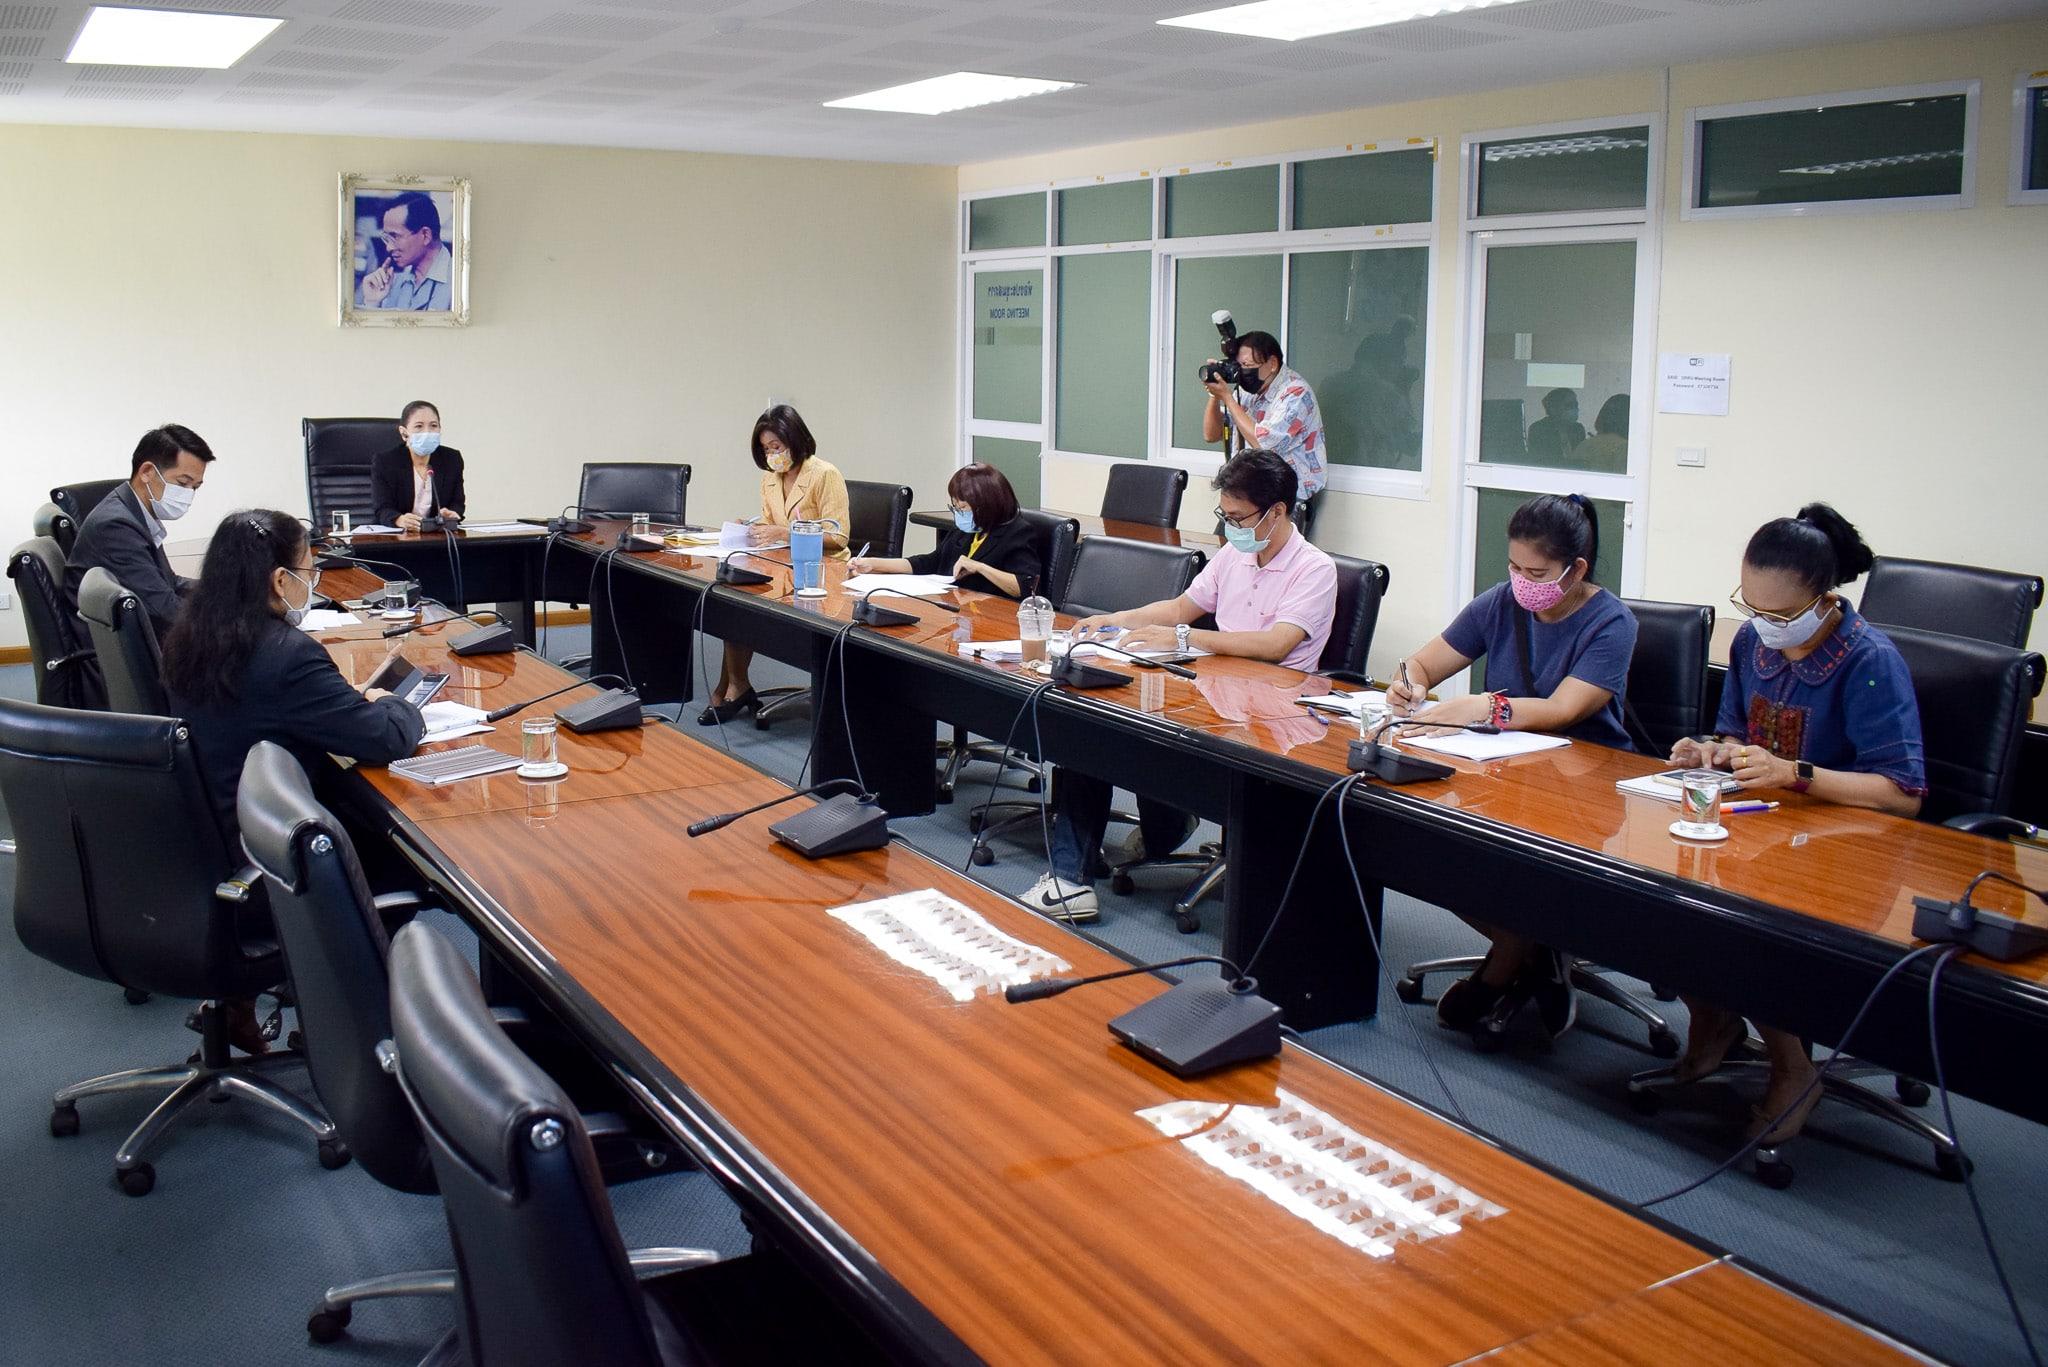 ประชุมการขับเคลื่อนการจัดทำแผนยุทธศาสตร์ มหาวิทยาลัยราชภัฏราชนครินทร์